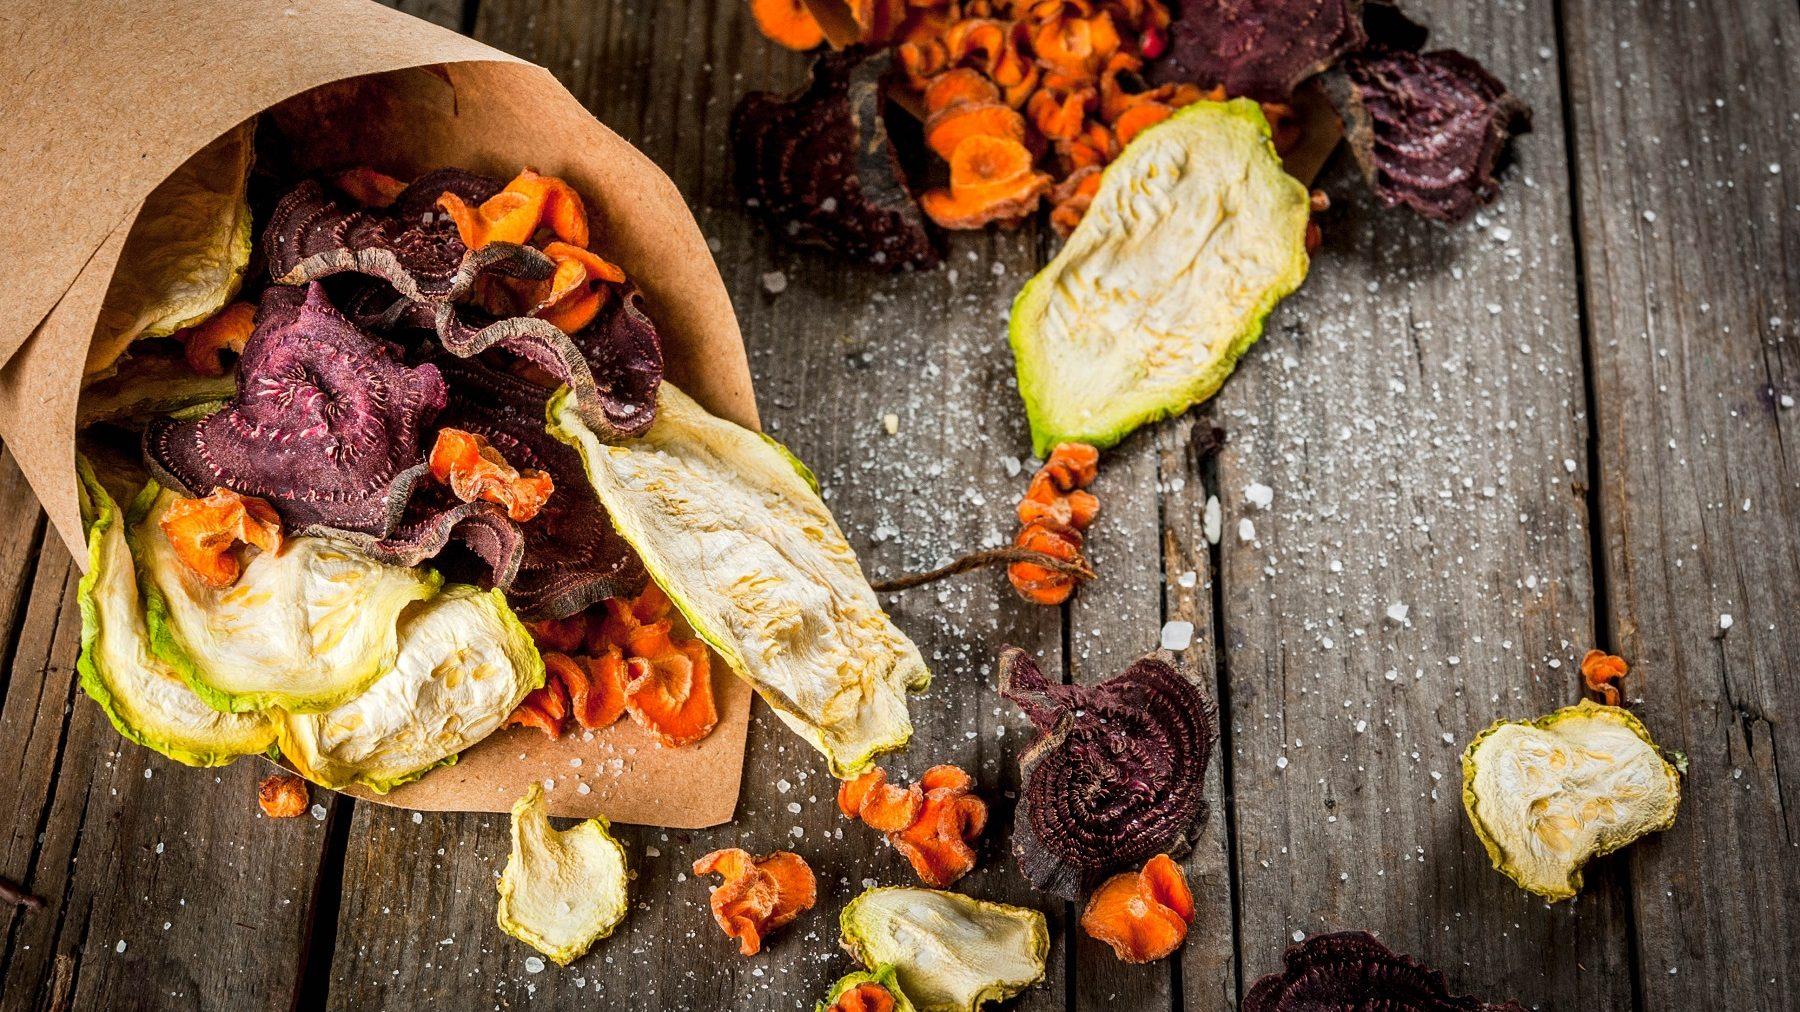 Eine Portion Gemüse-Chips auf einem dunklen Holztisch. Die Chips bestehen aus Zucchini, Möhren und Rote Bete. Auf dem Tisch ist außerdem Salz verteilt.